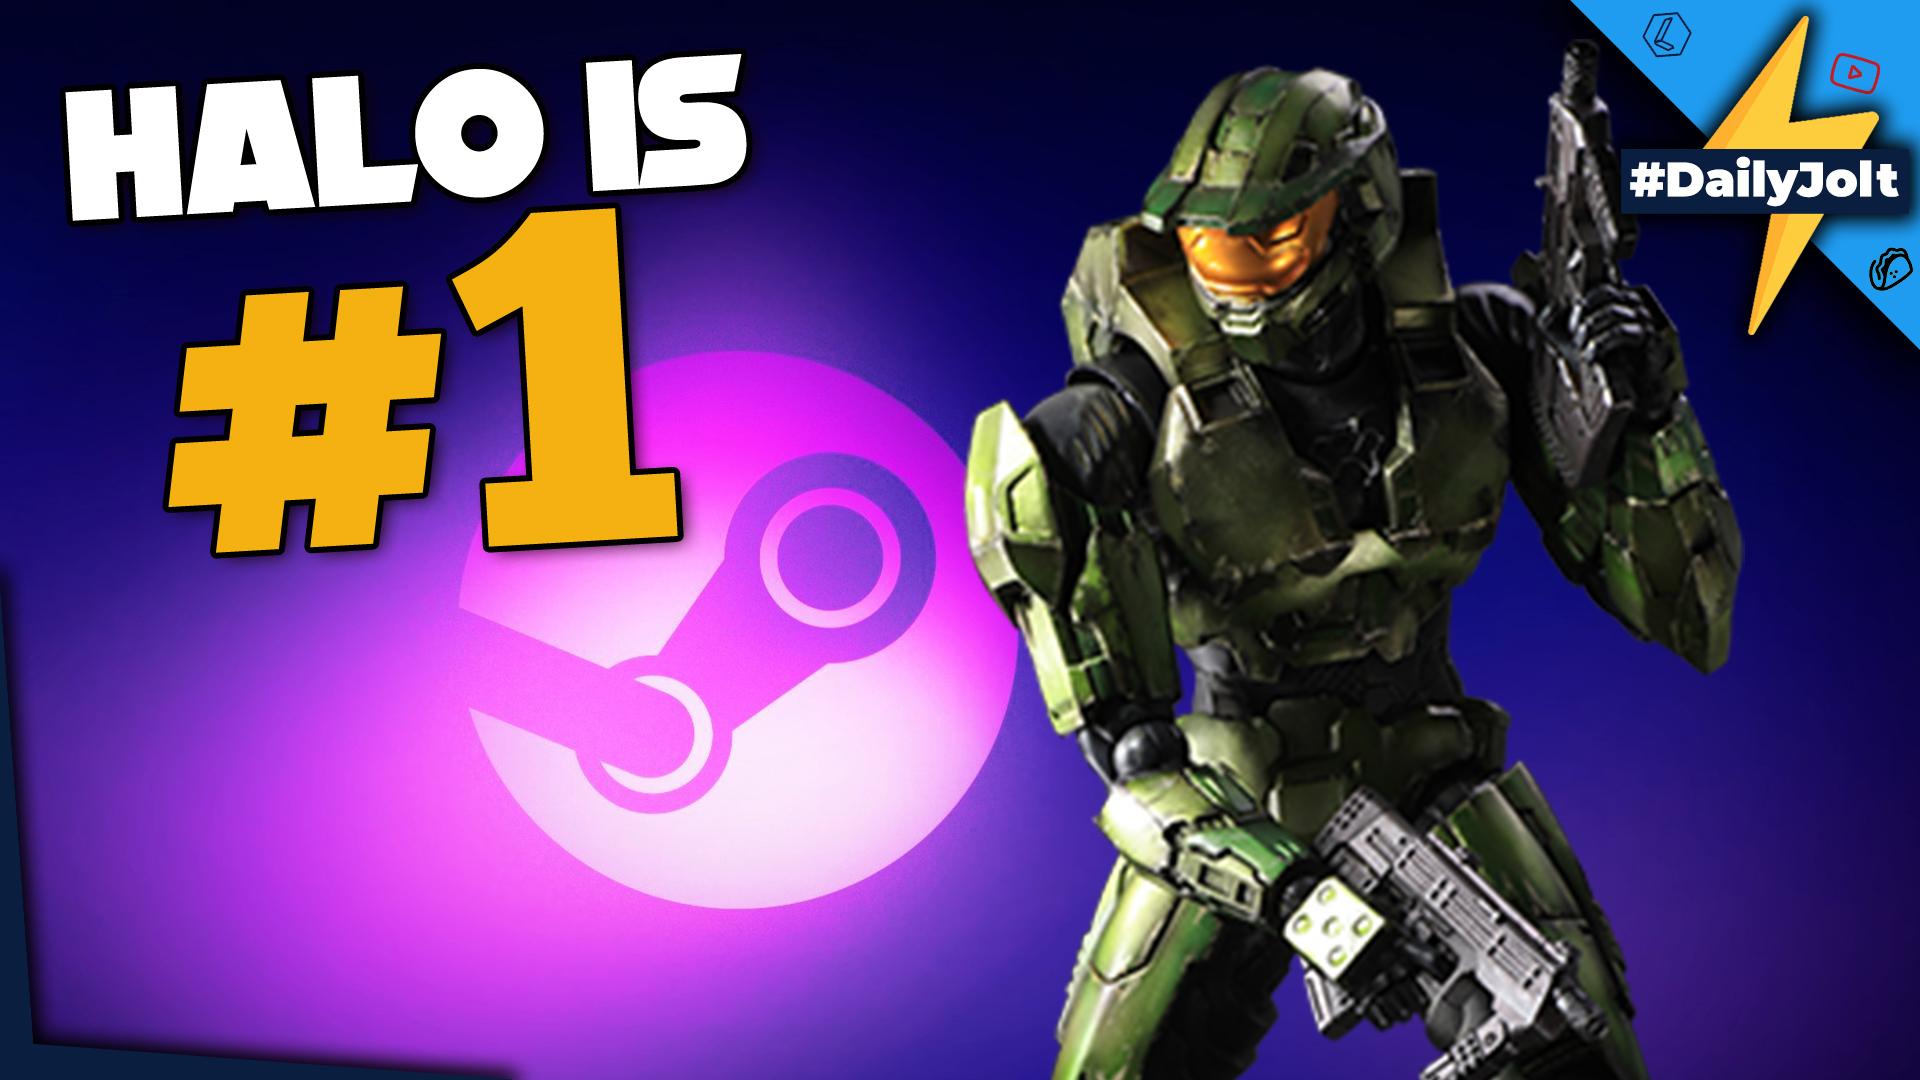 Halo erreichen Zombie-Matchmaking EEP 6 beckham datiert Geschichte